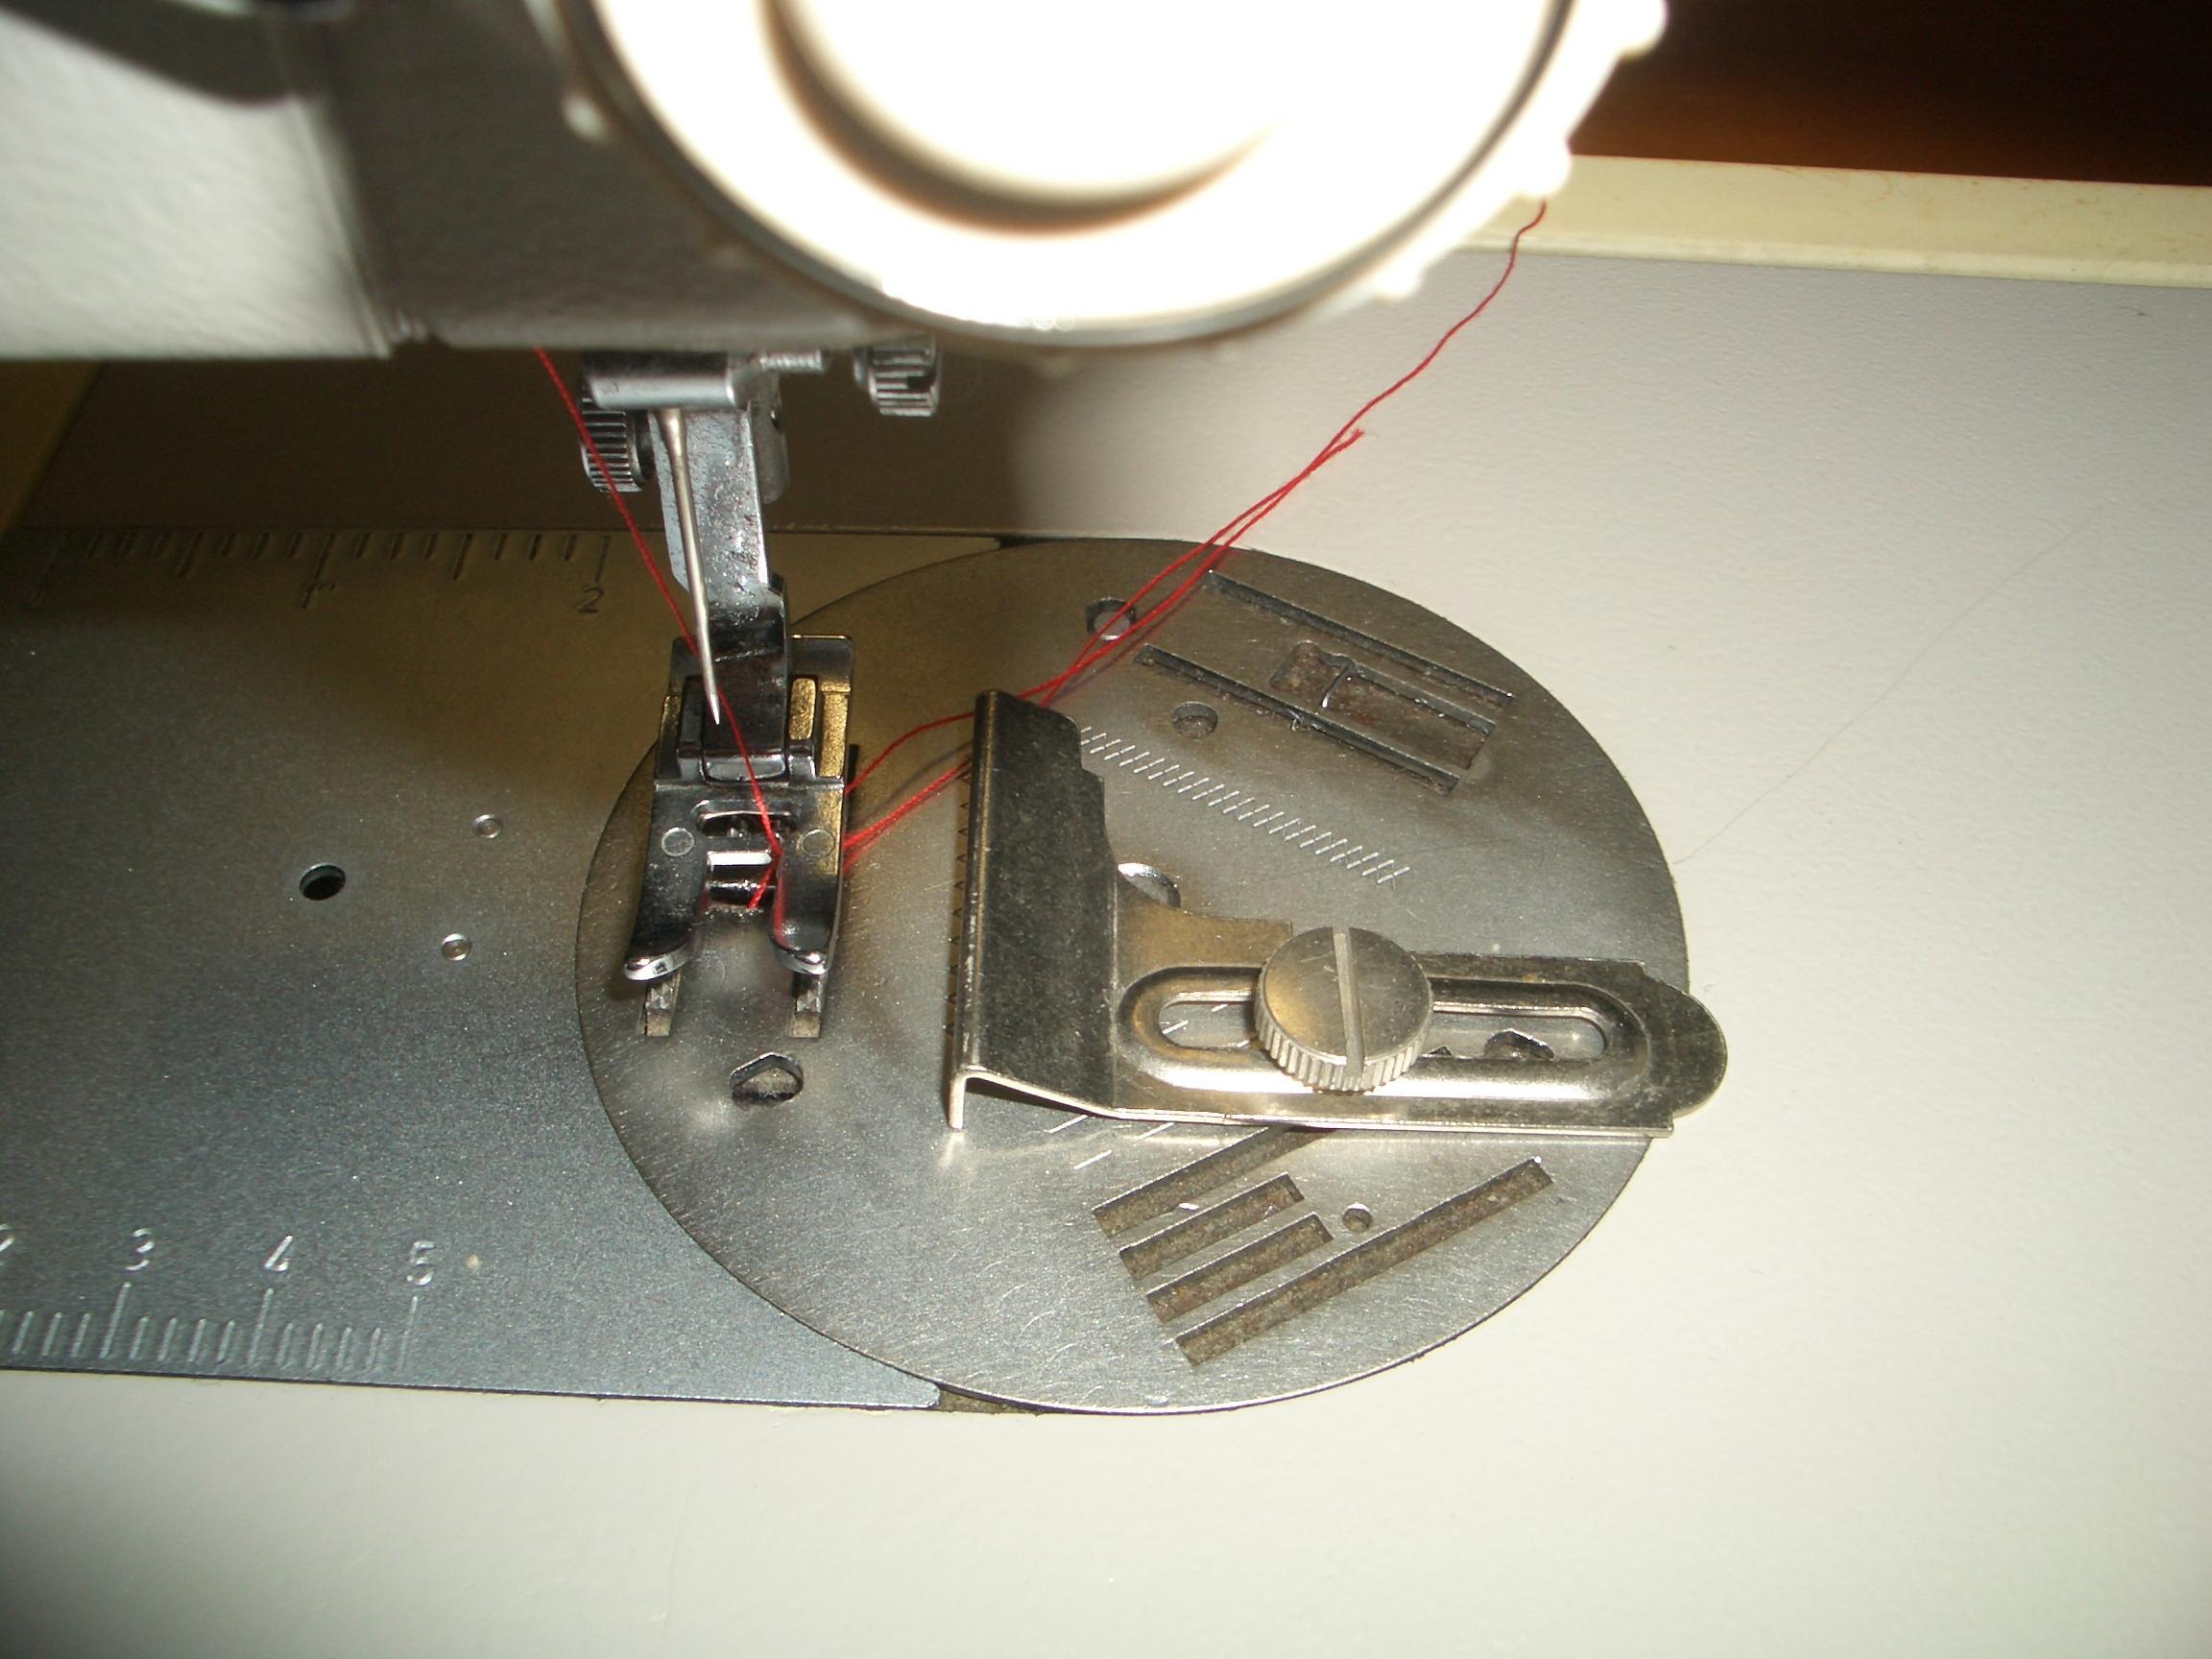 accessori per la macchina da cucire e loro utilizzo